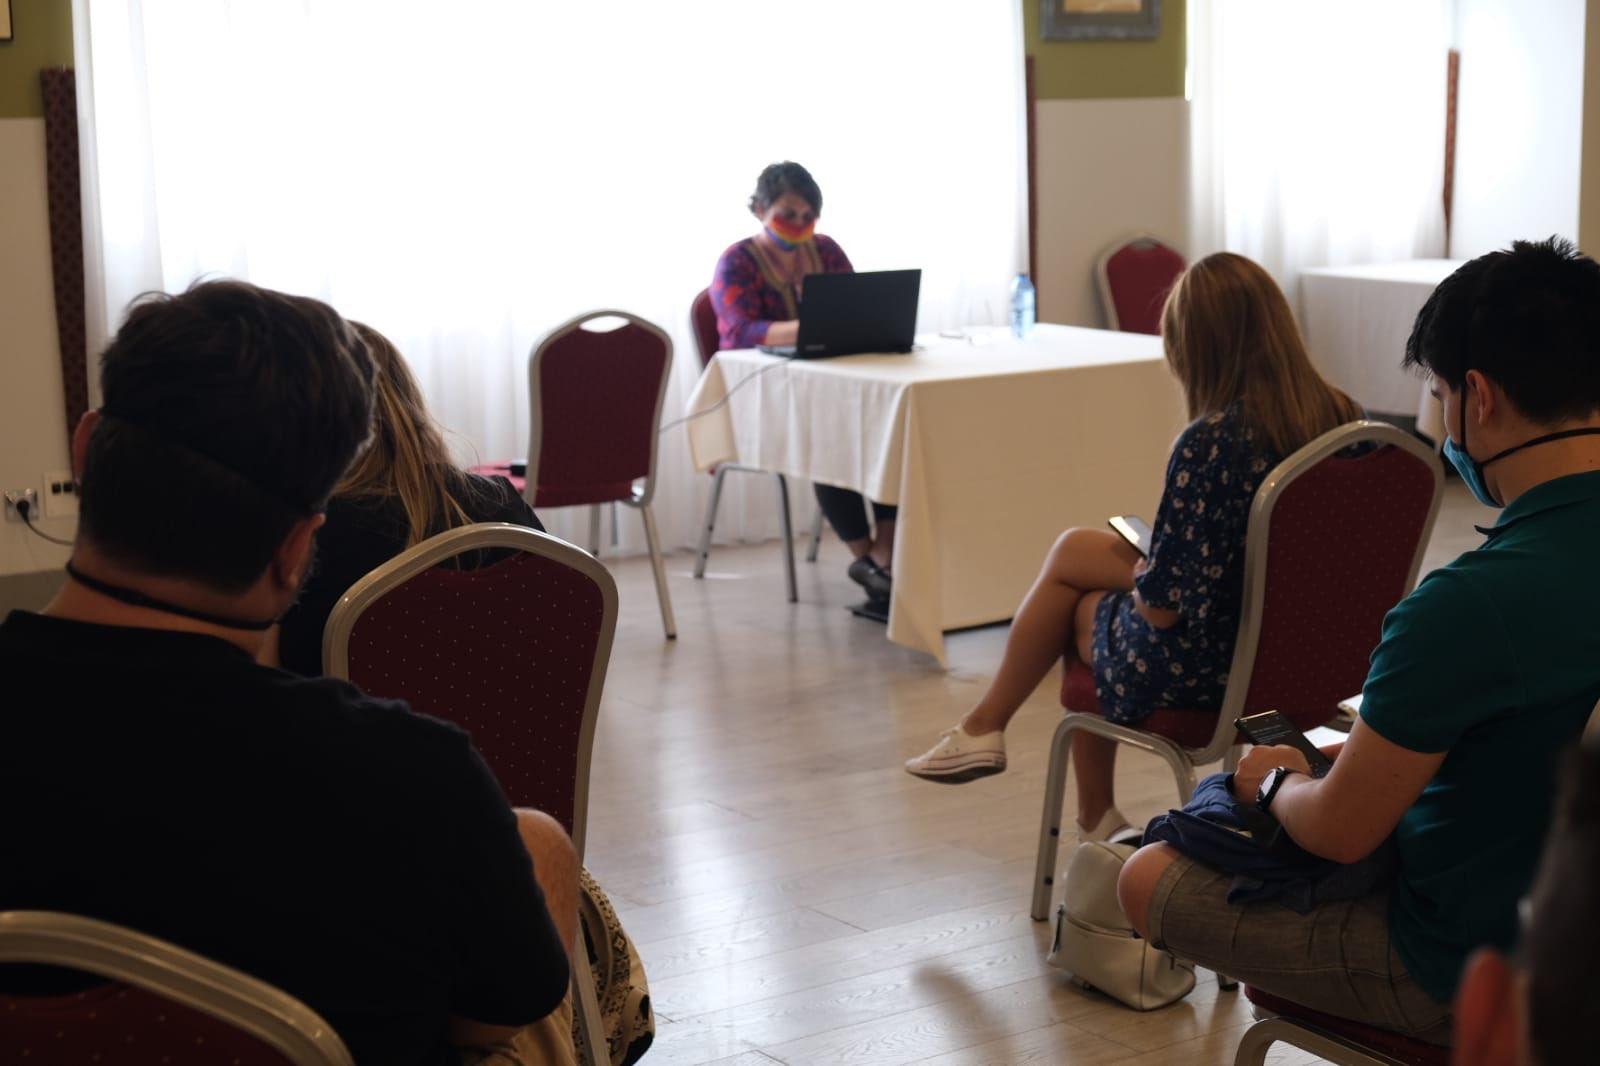 El taller de relatos de Sofia Rhei en el Celsius 232